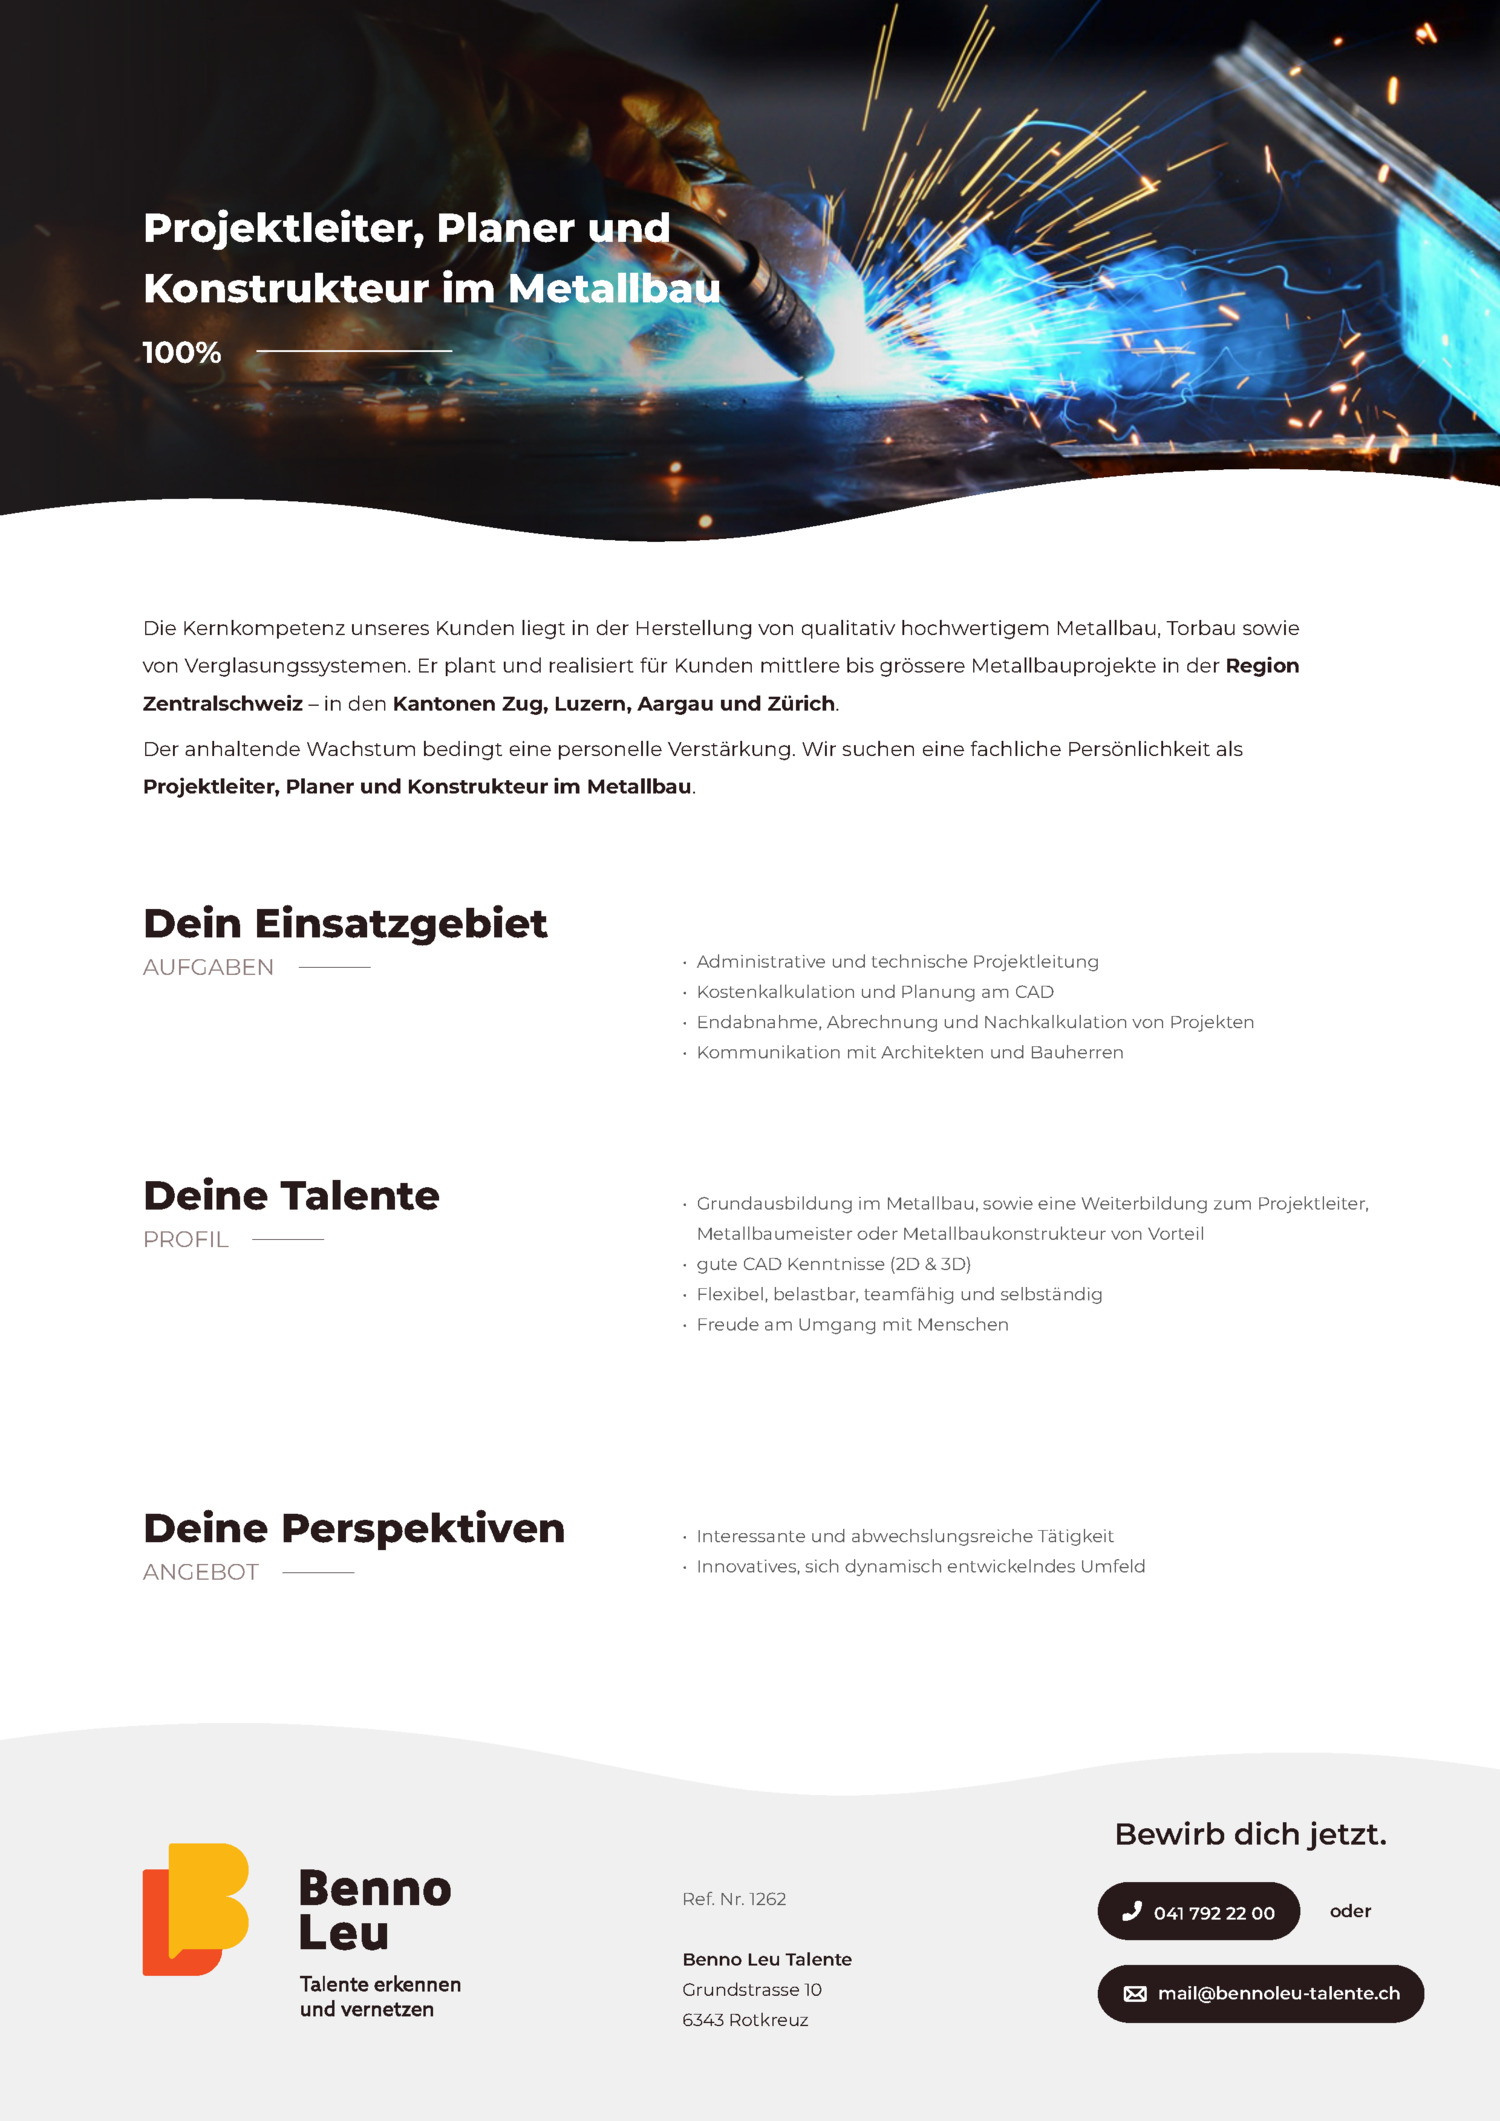 Inserat Projektleiter, Planer und Konstrukteur im Metallbau